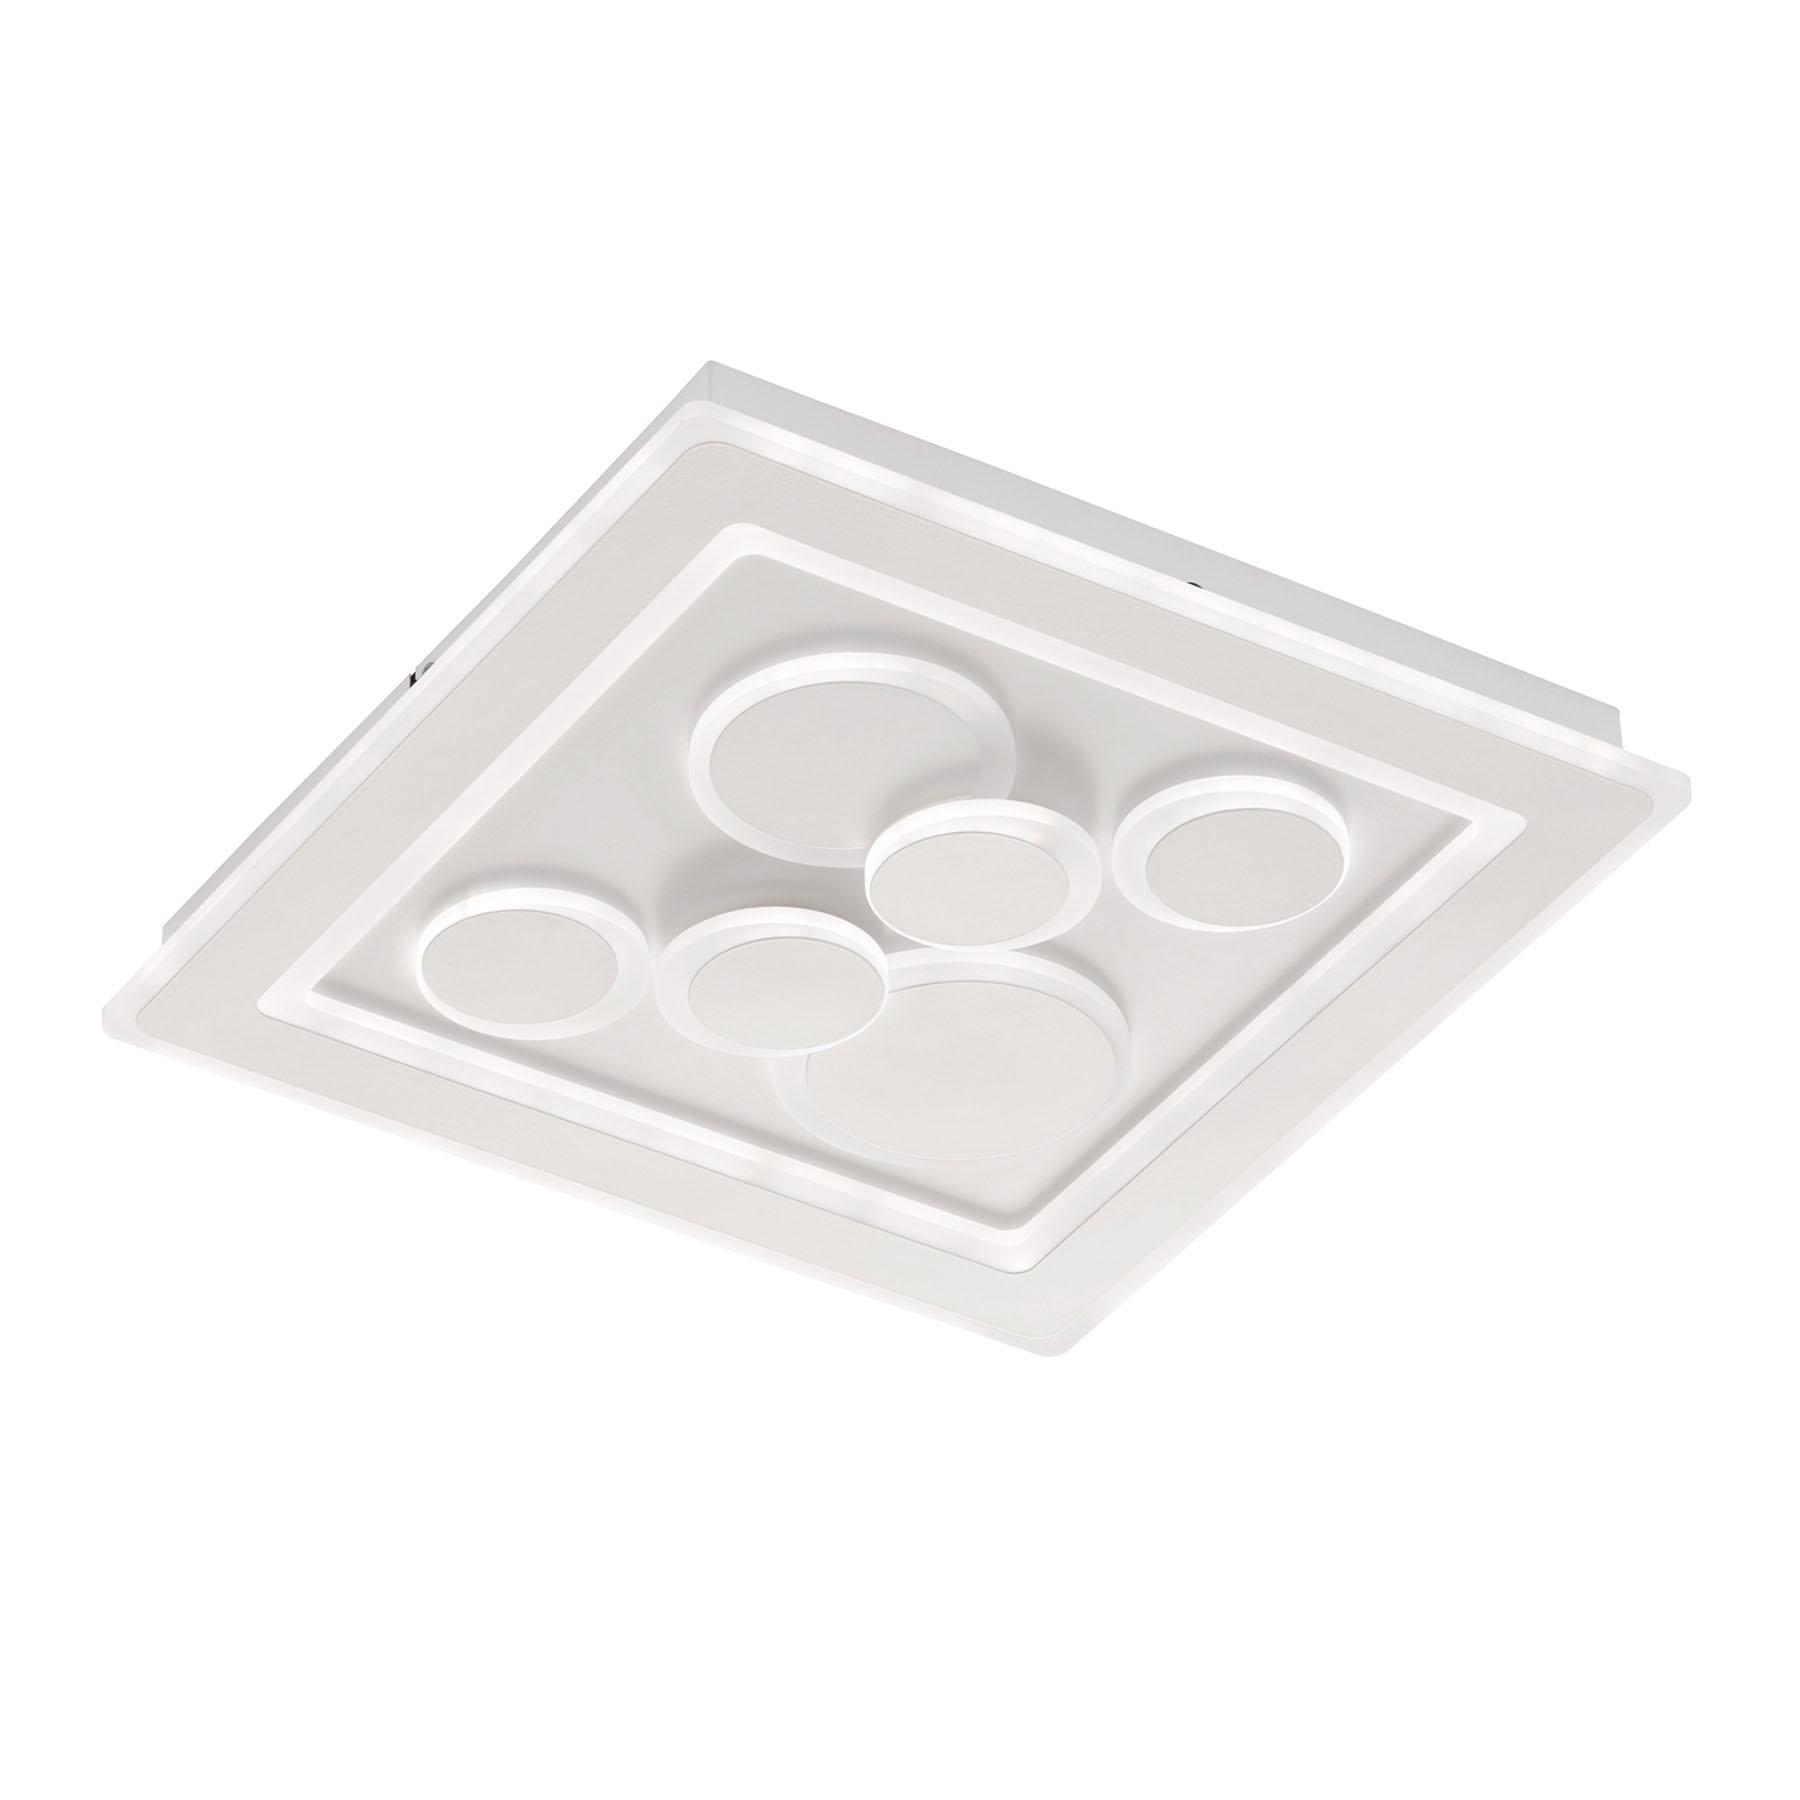 LED-Deckenleuchte Ratio, dimmbar, sechs Kreise